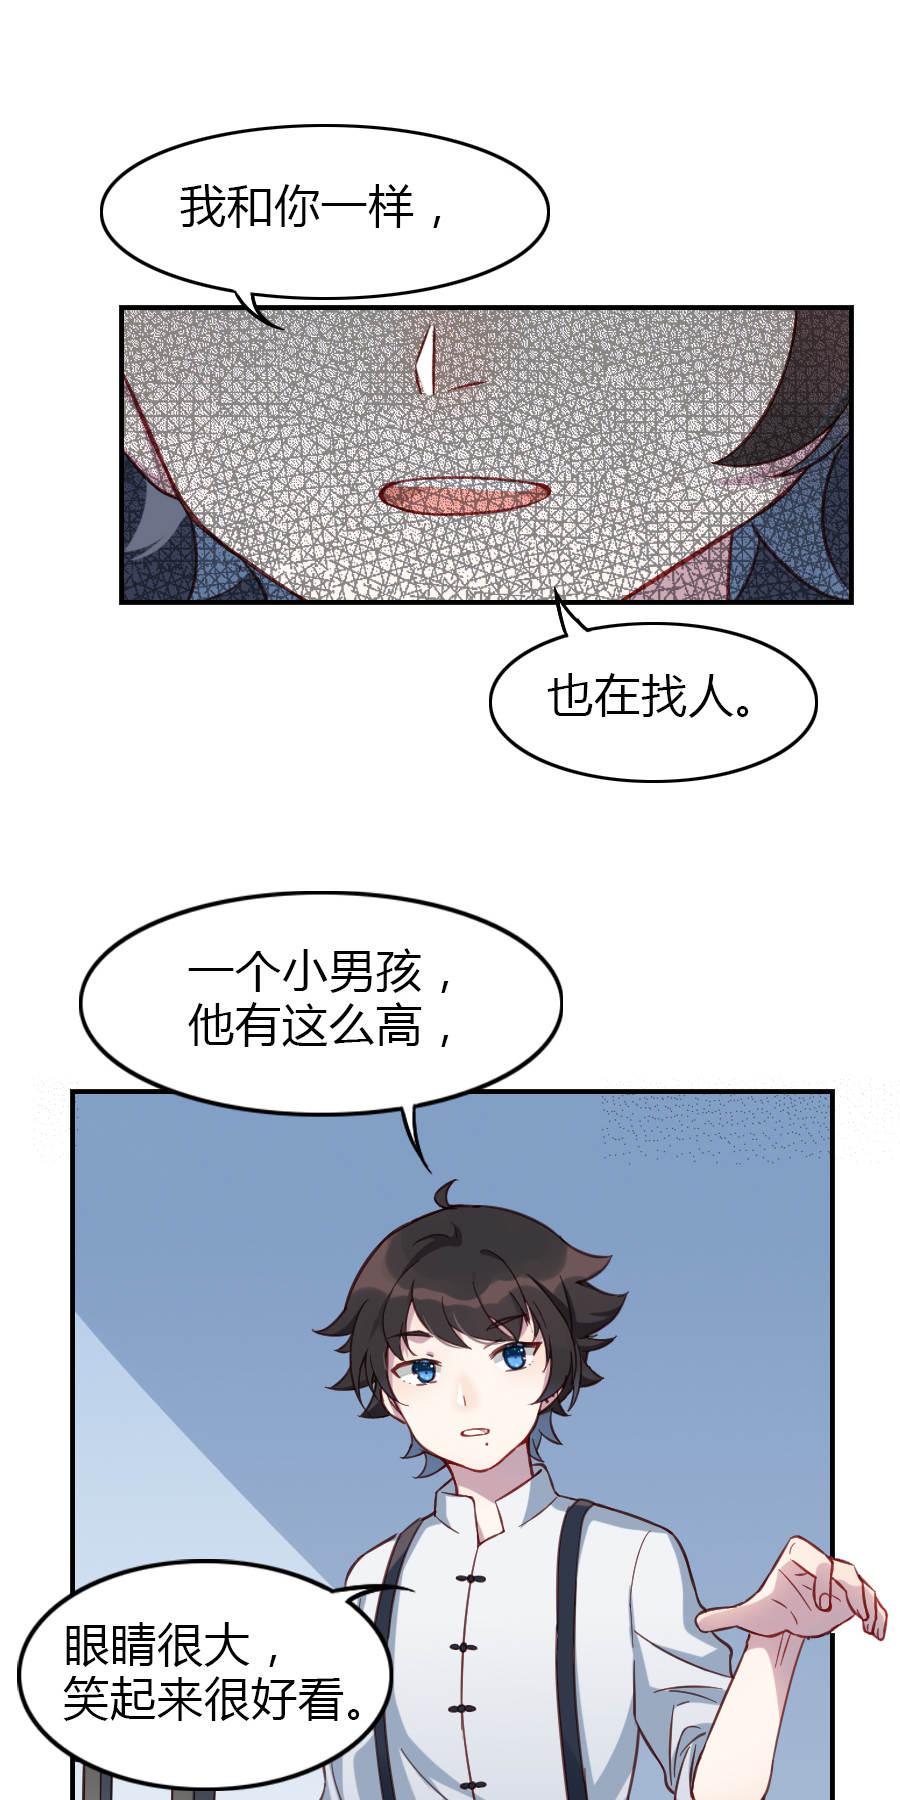 少年游第17话  障妖 正太巧克力 第 4